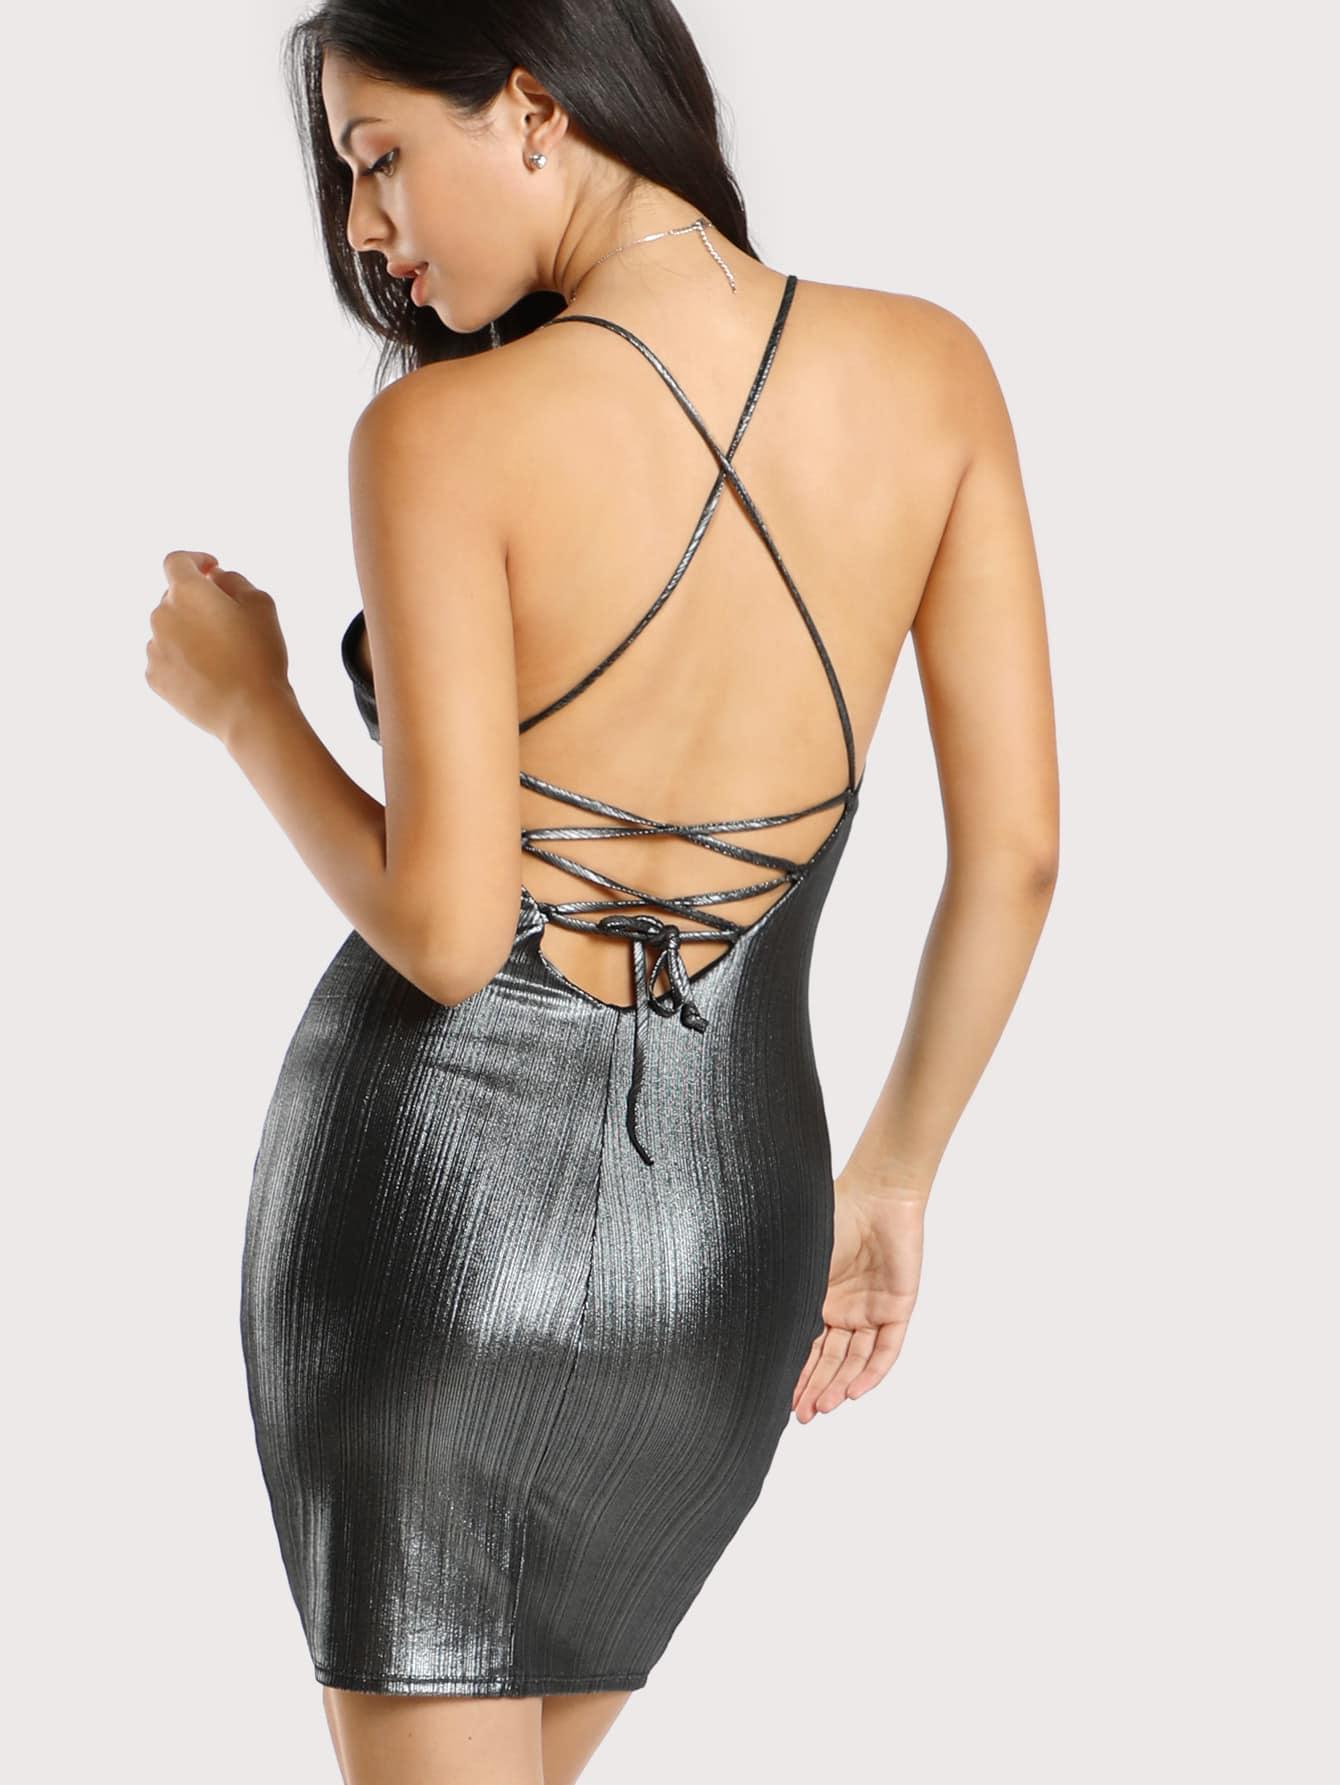 Spaghetti Strap Lace Up Metallic Dress